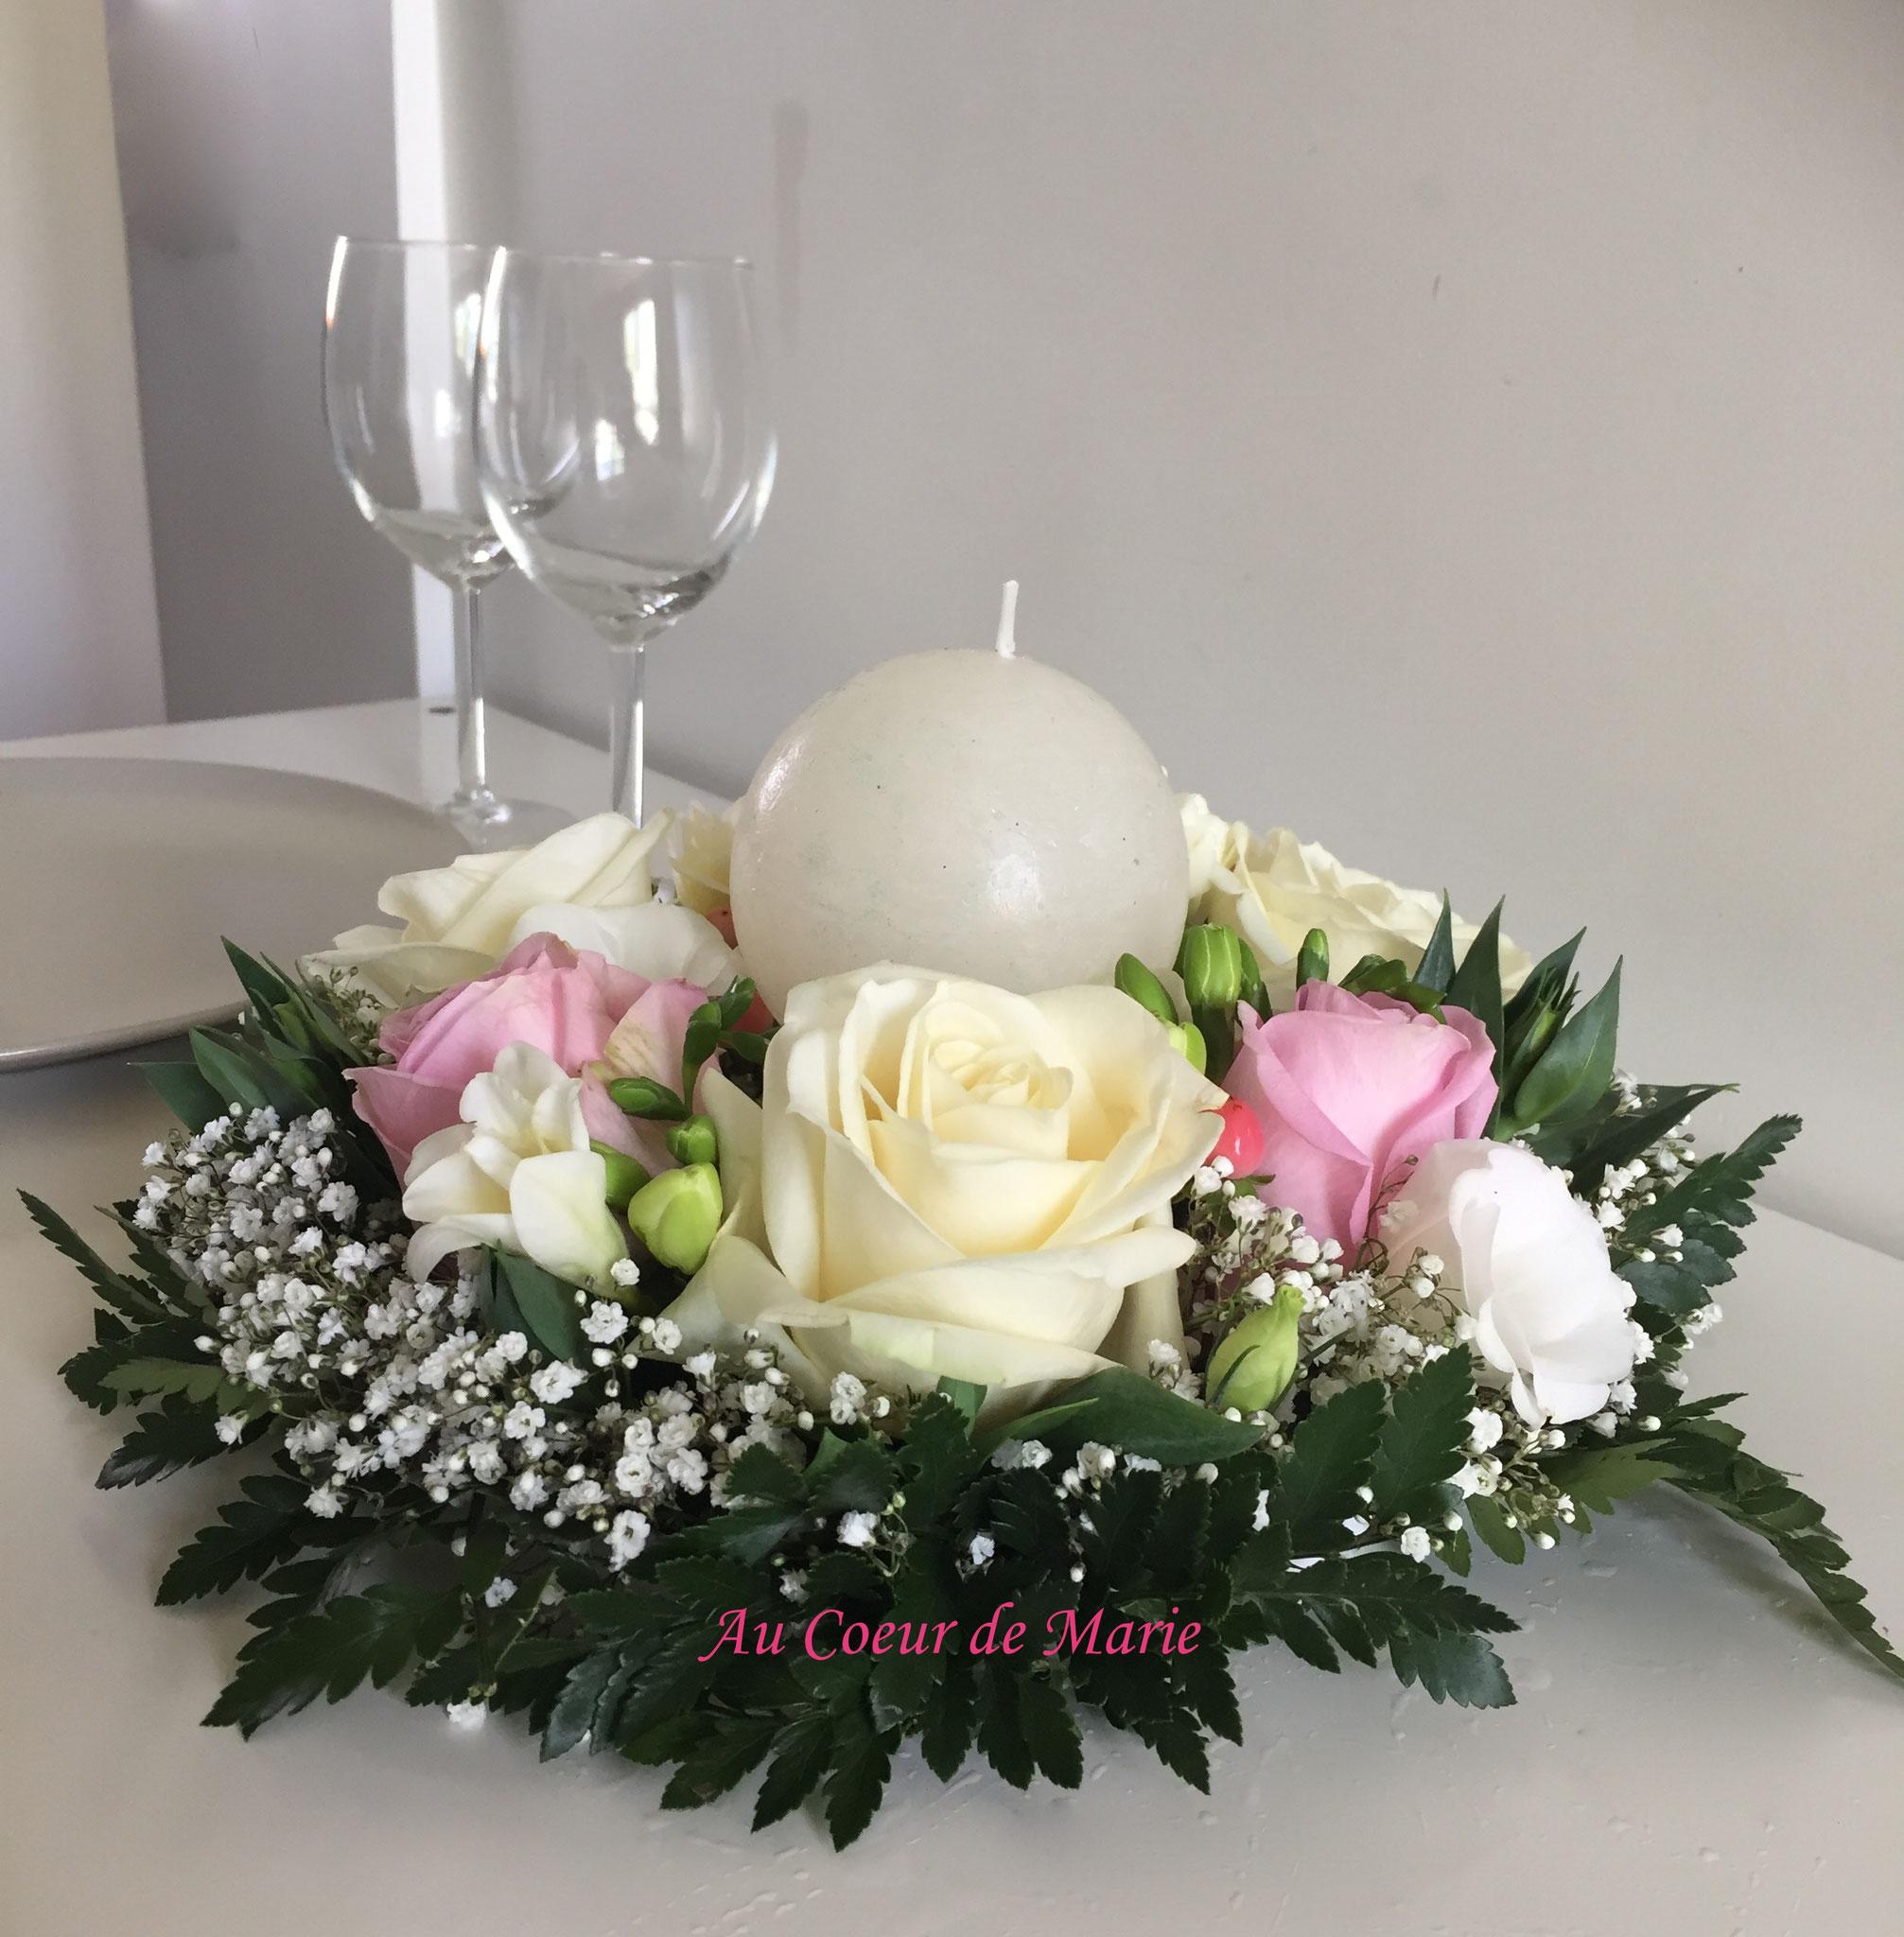 livraison de fleurs au coeur de marie fleuriste menucourt cergy. Black Bedroom Furniture Sets. Home Design Ideas